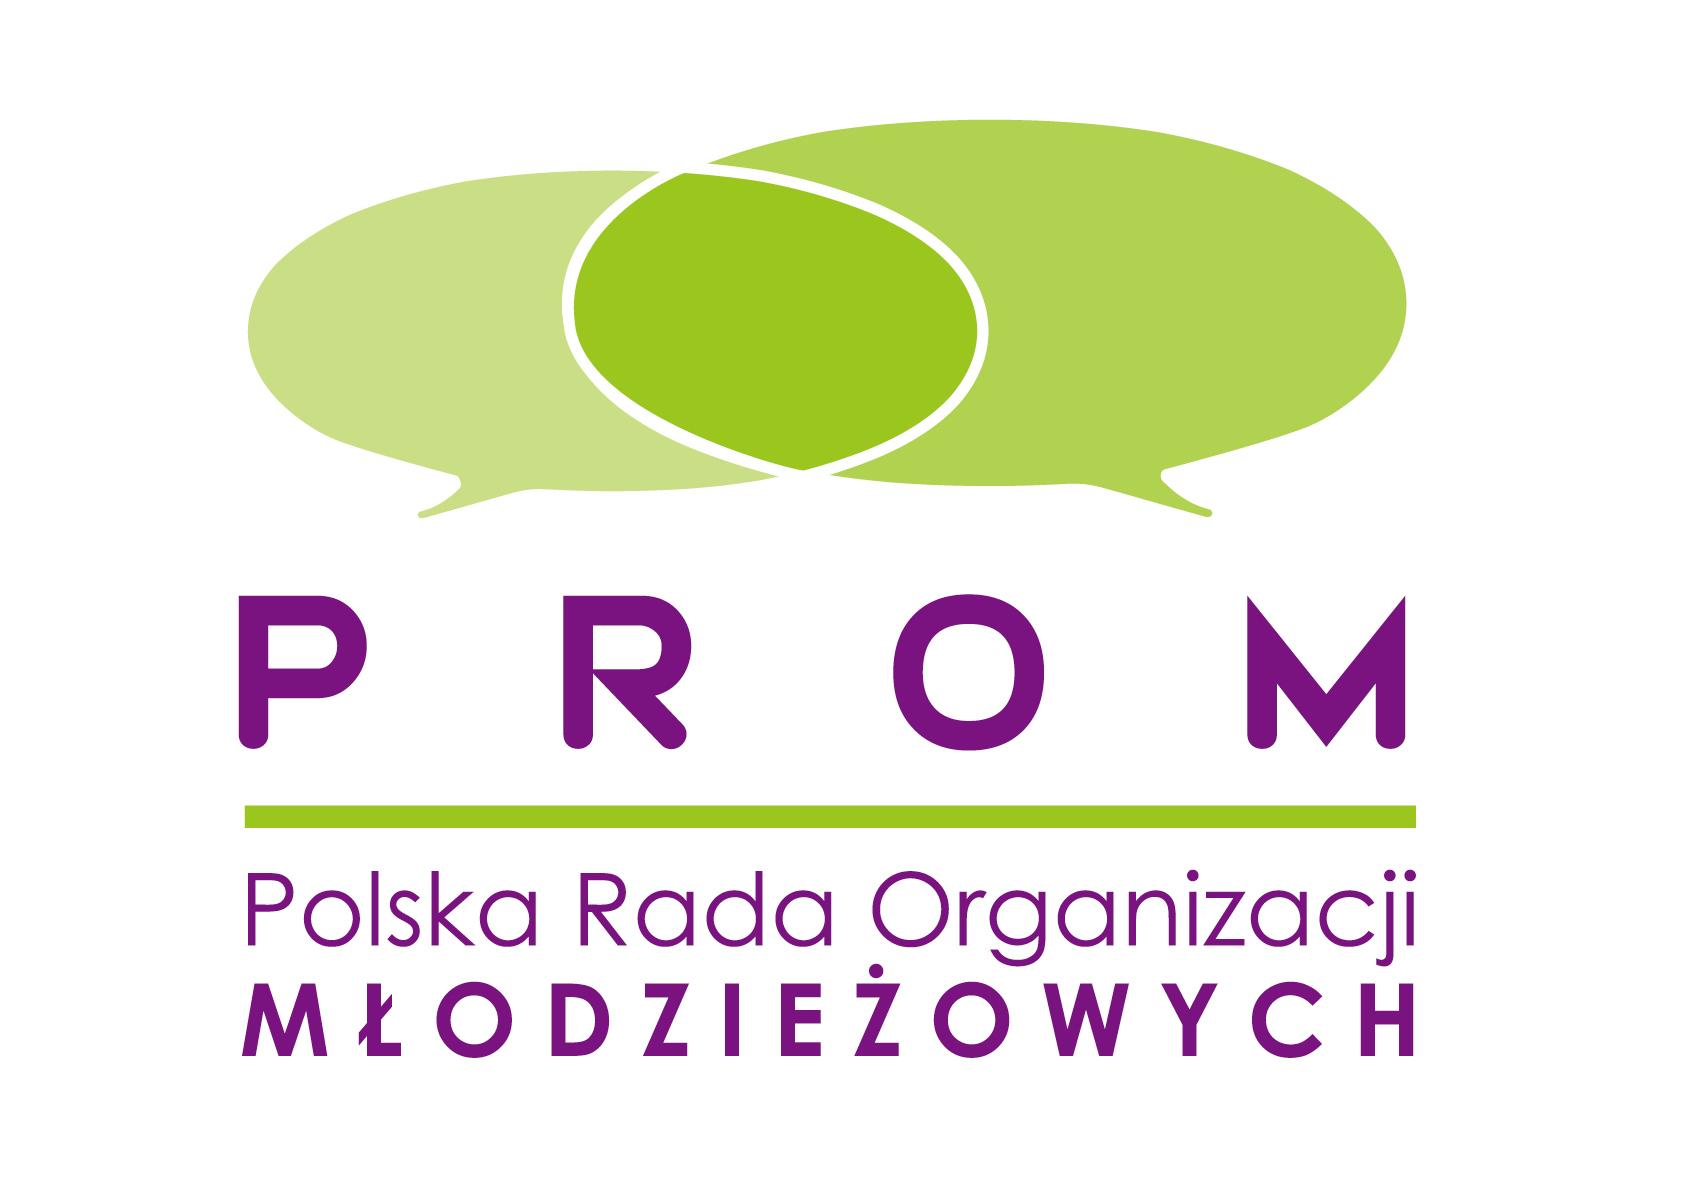 Polska Rada Organizacji Młodzieżowych - logo